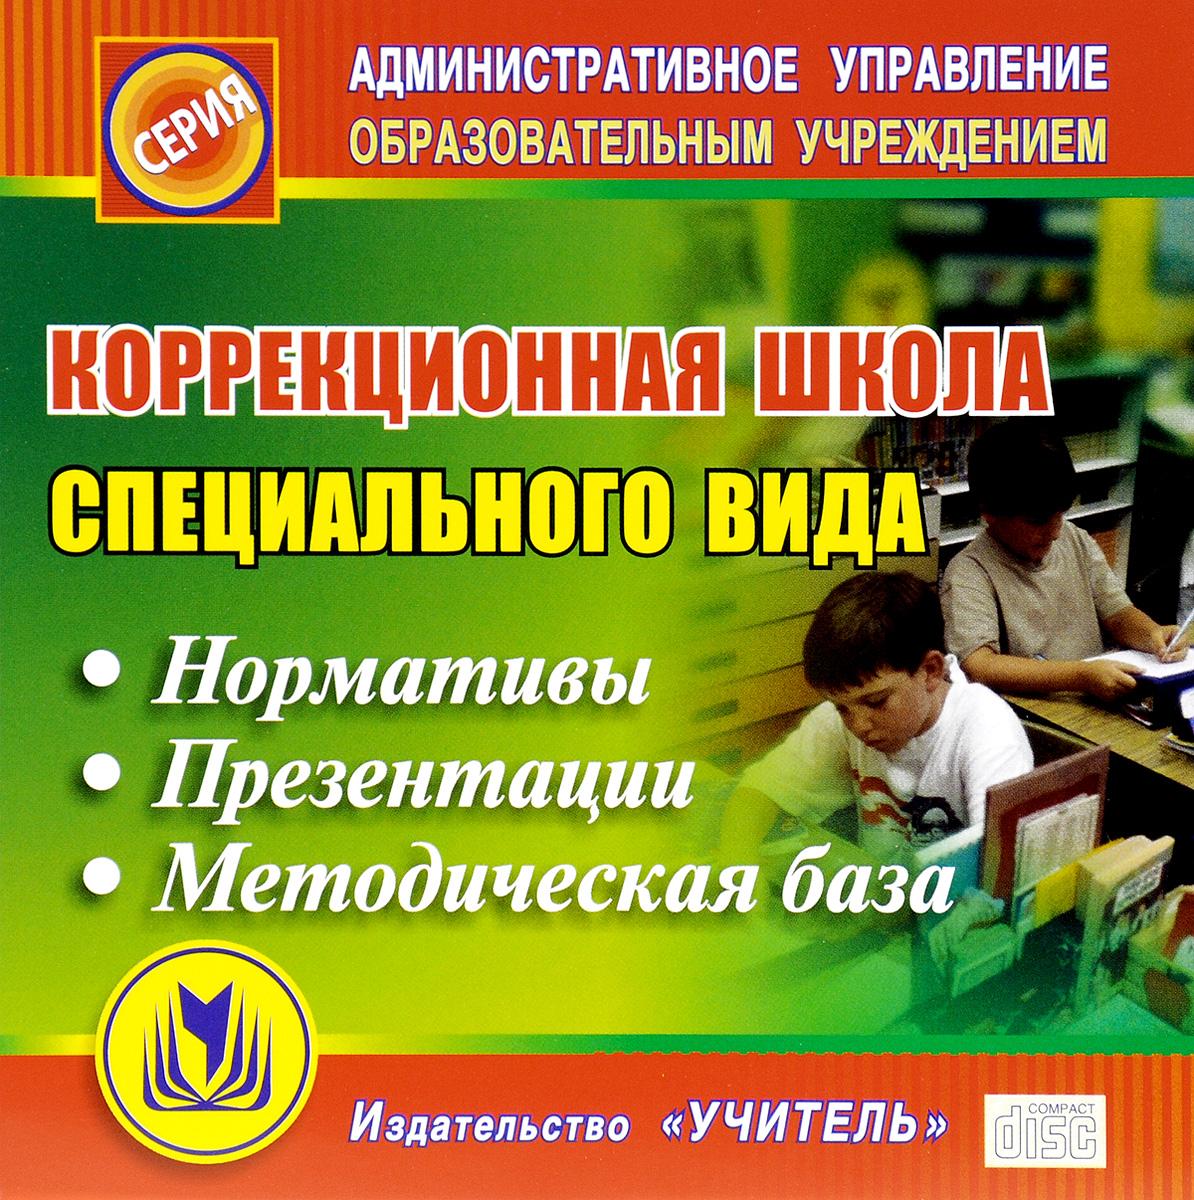 Zakazat.ru Коррекционная школа специального вида. Нормативы. Презентации. Методическая база